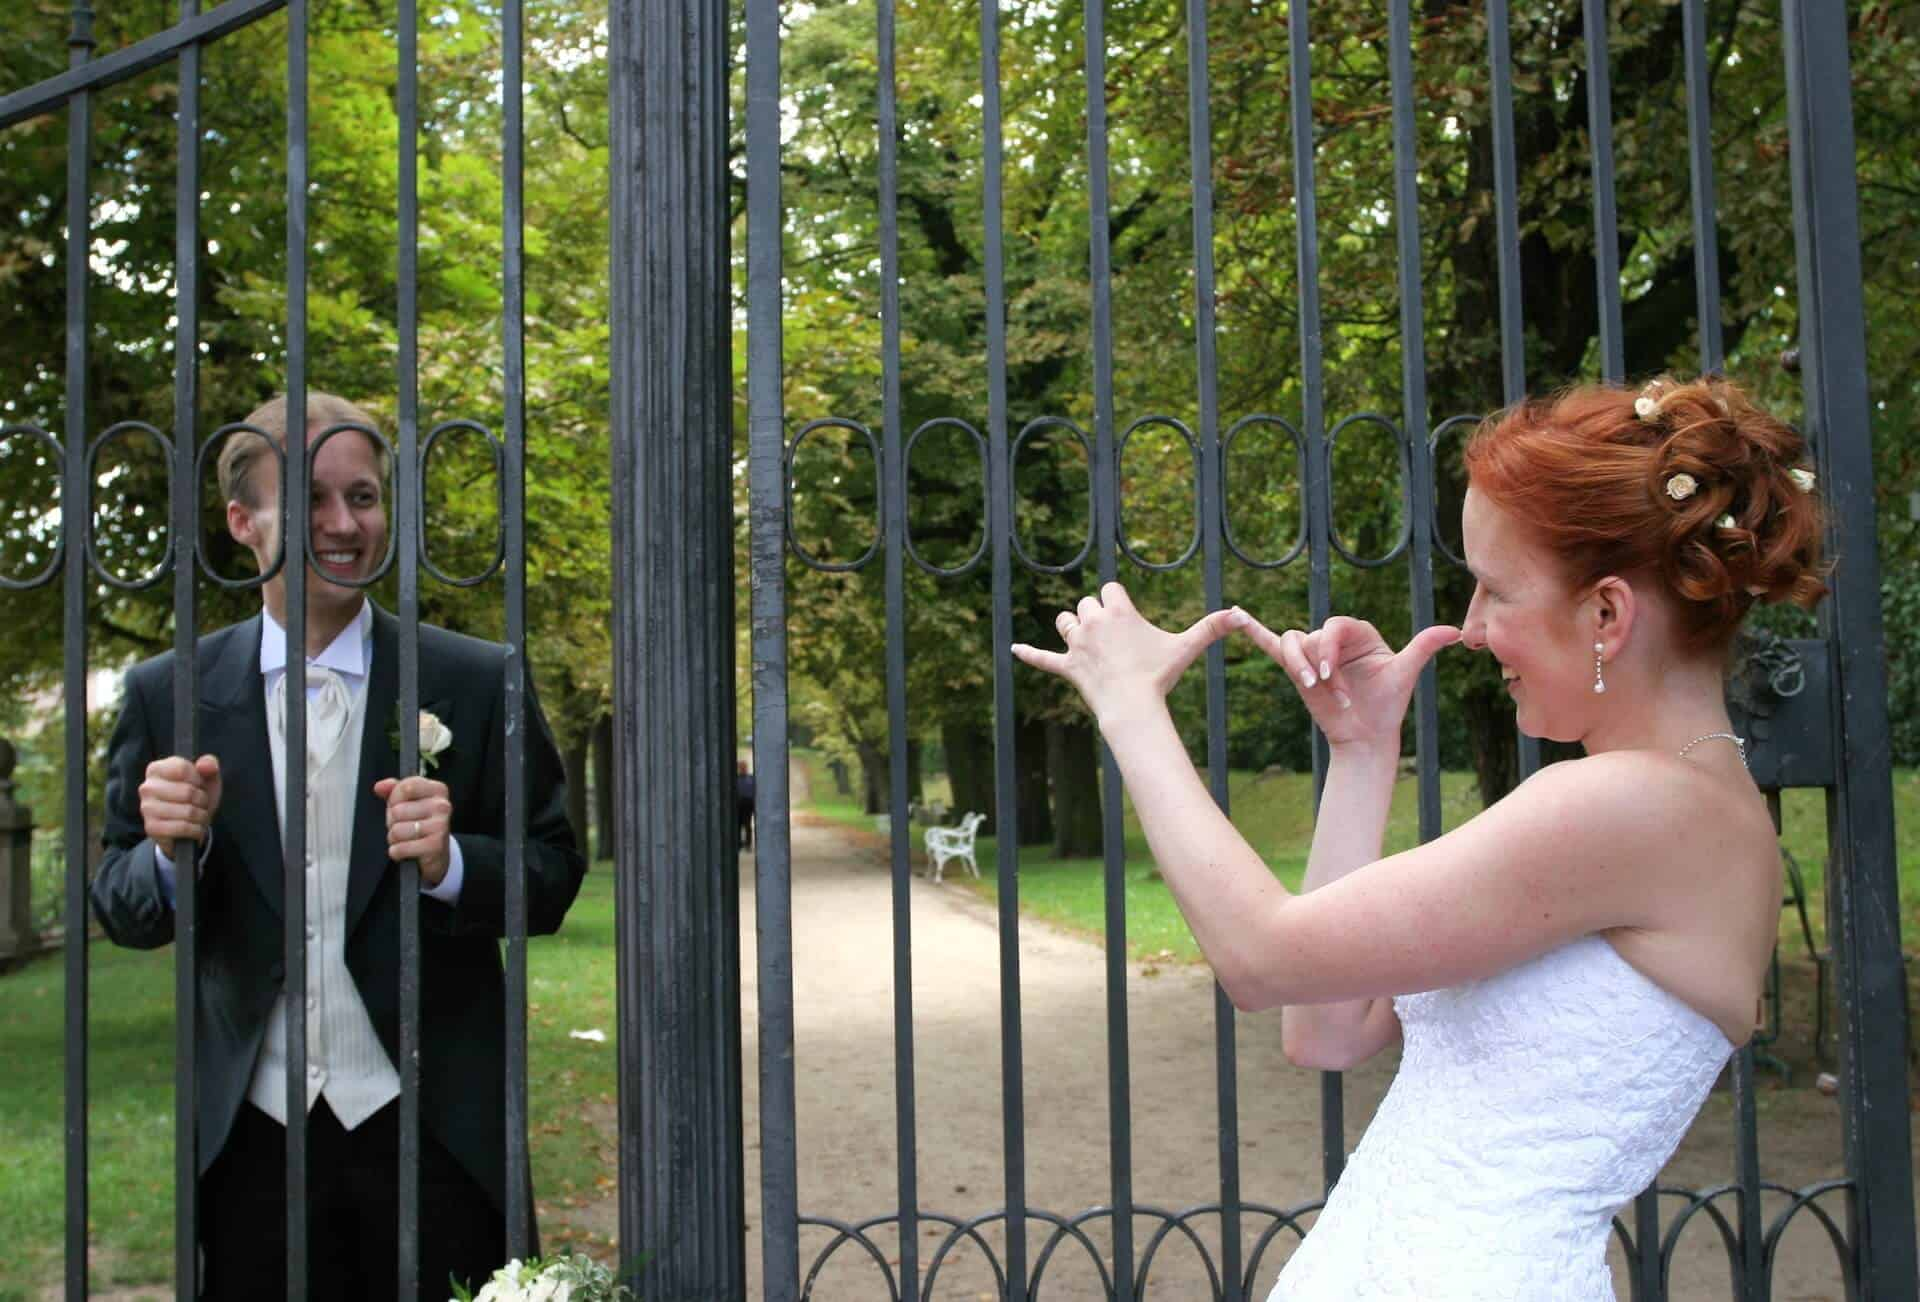 Svatba Havlíkovi - chtěla mi utéct hned po obřadu